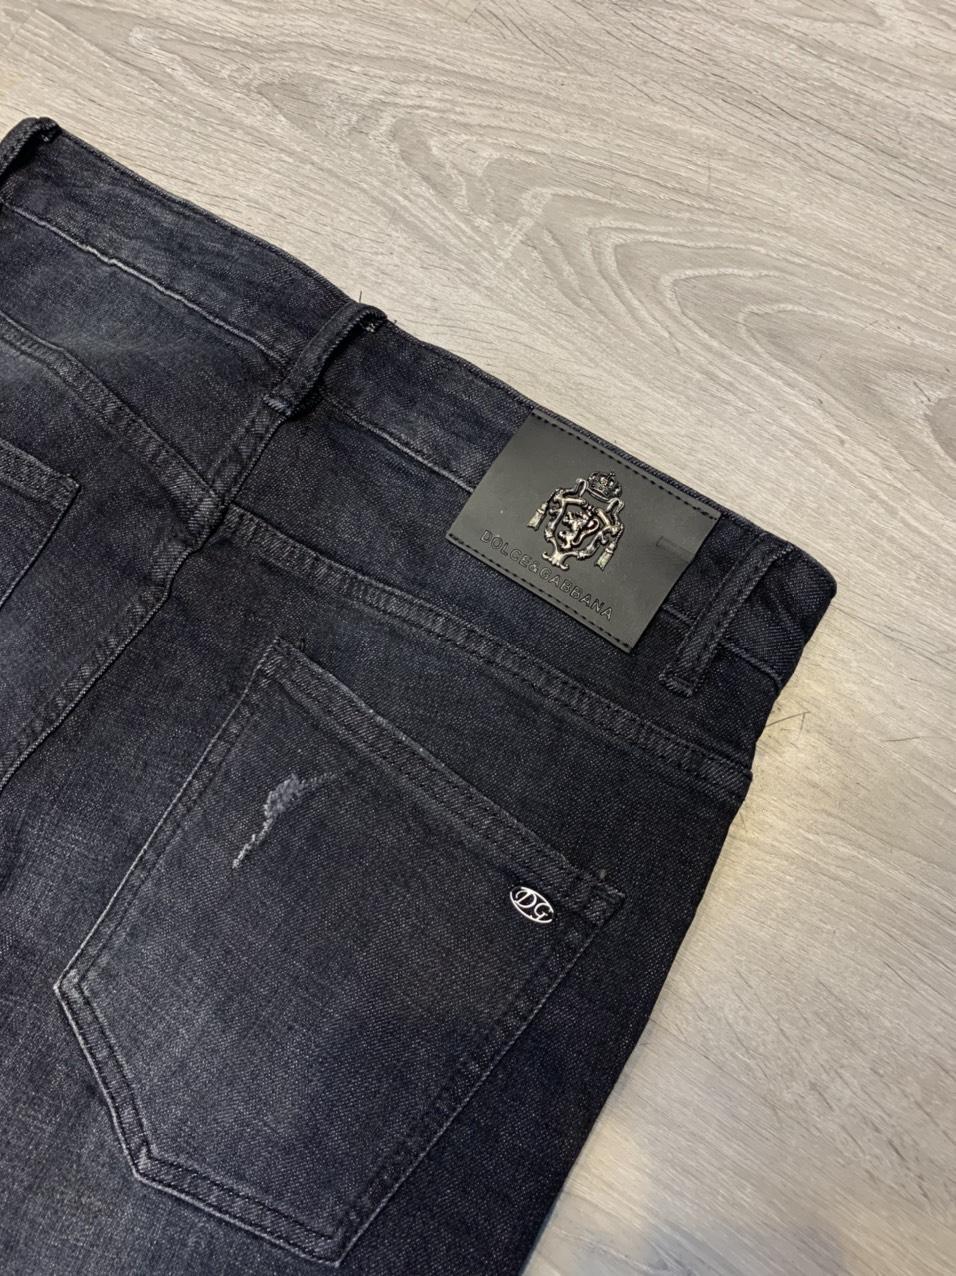 Quần bò Dolce & Gabbana siêu cấp đen xước QNDG03